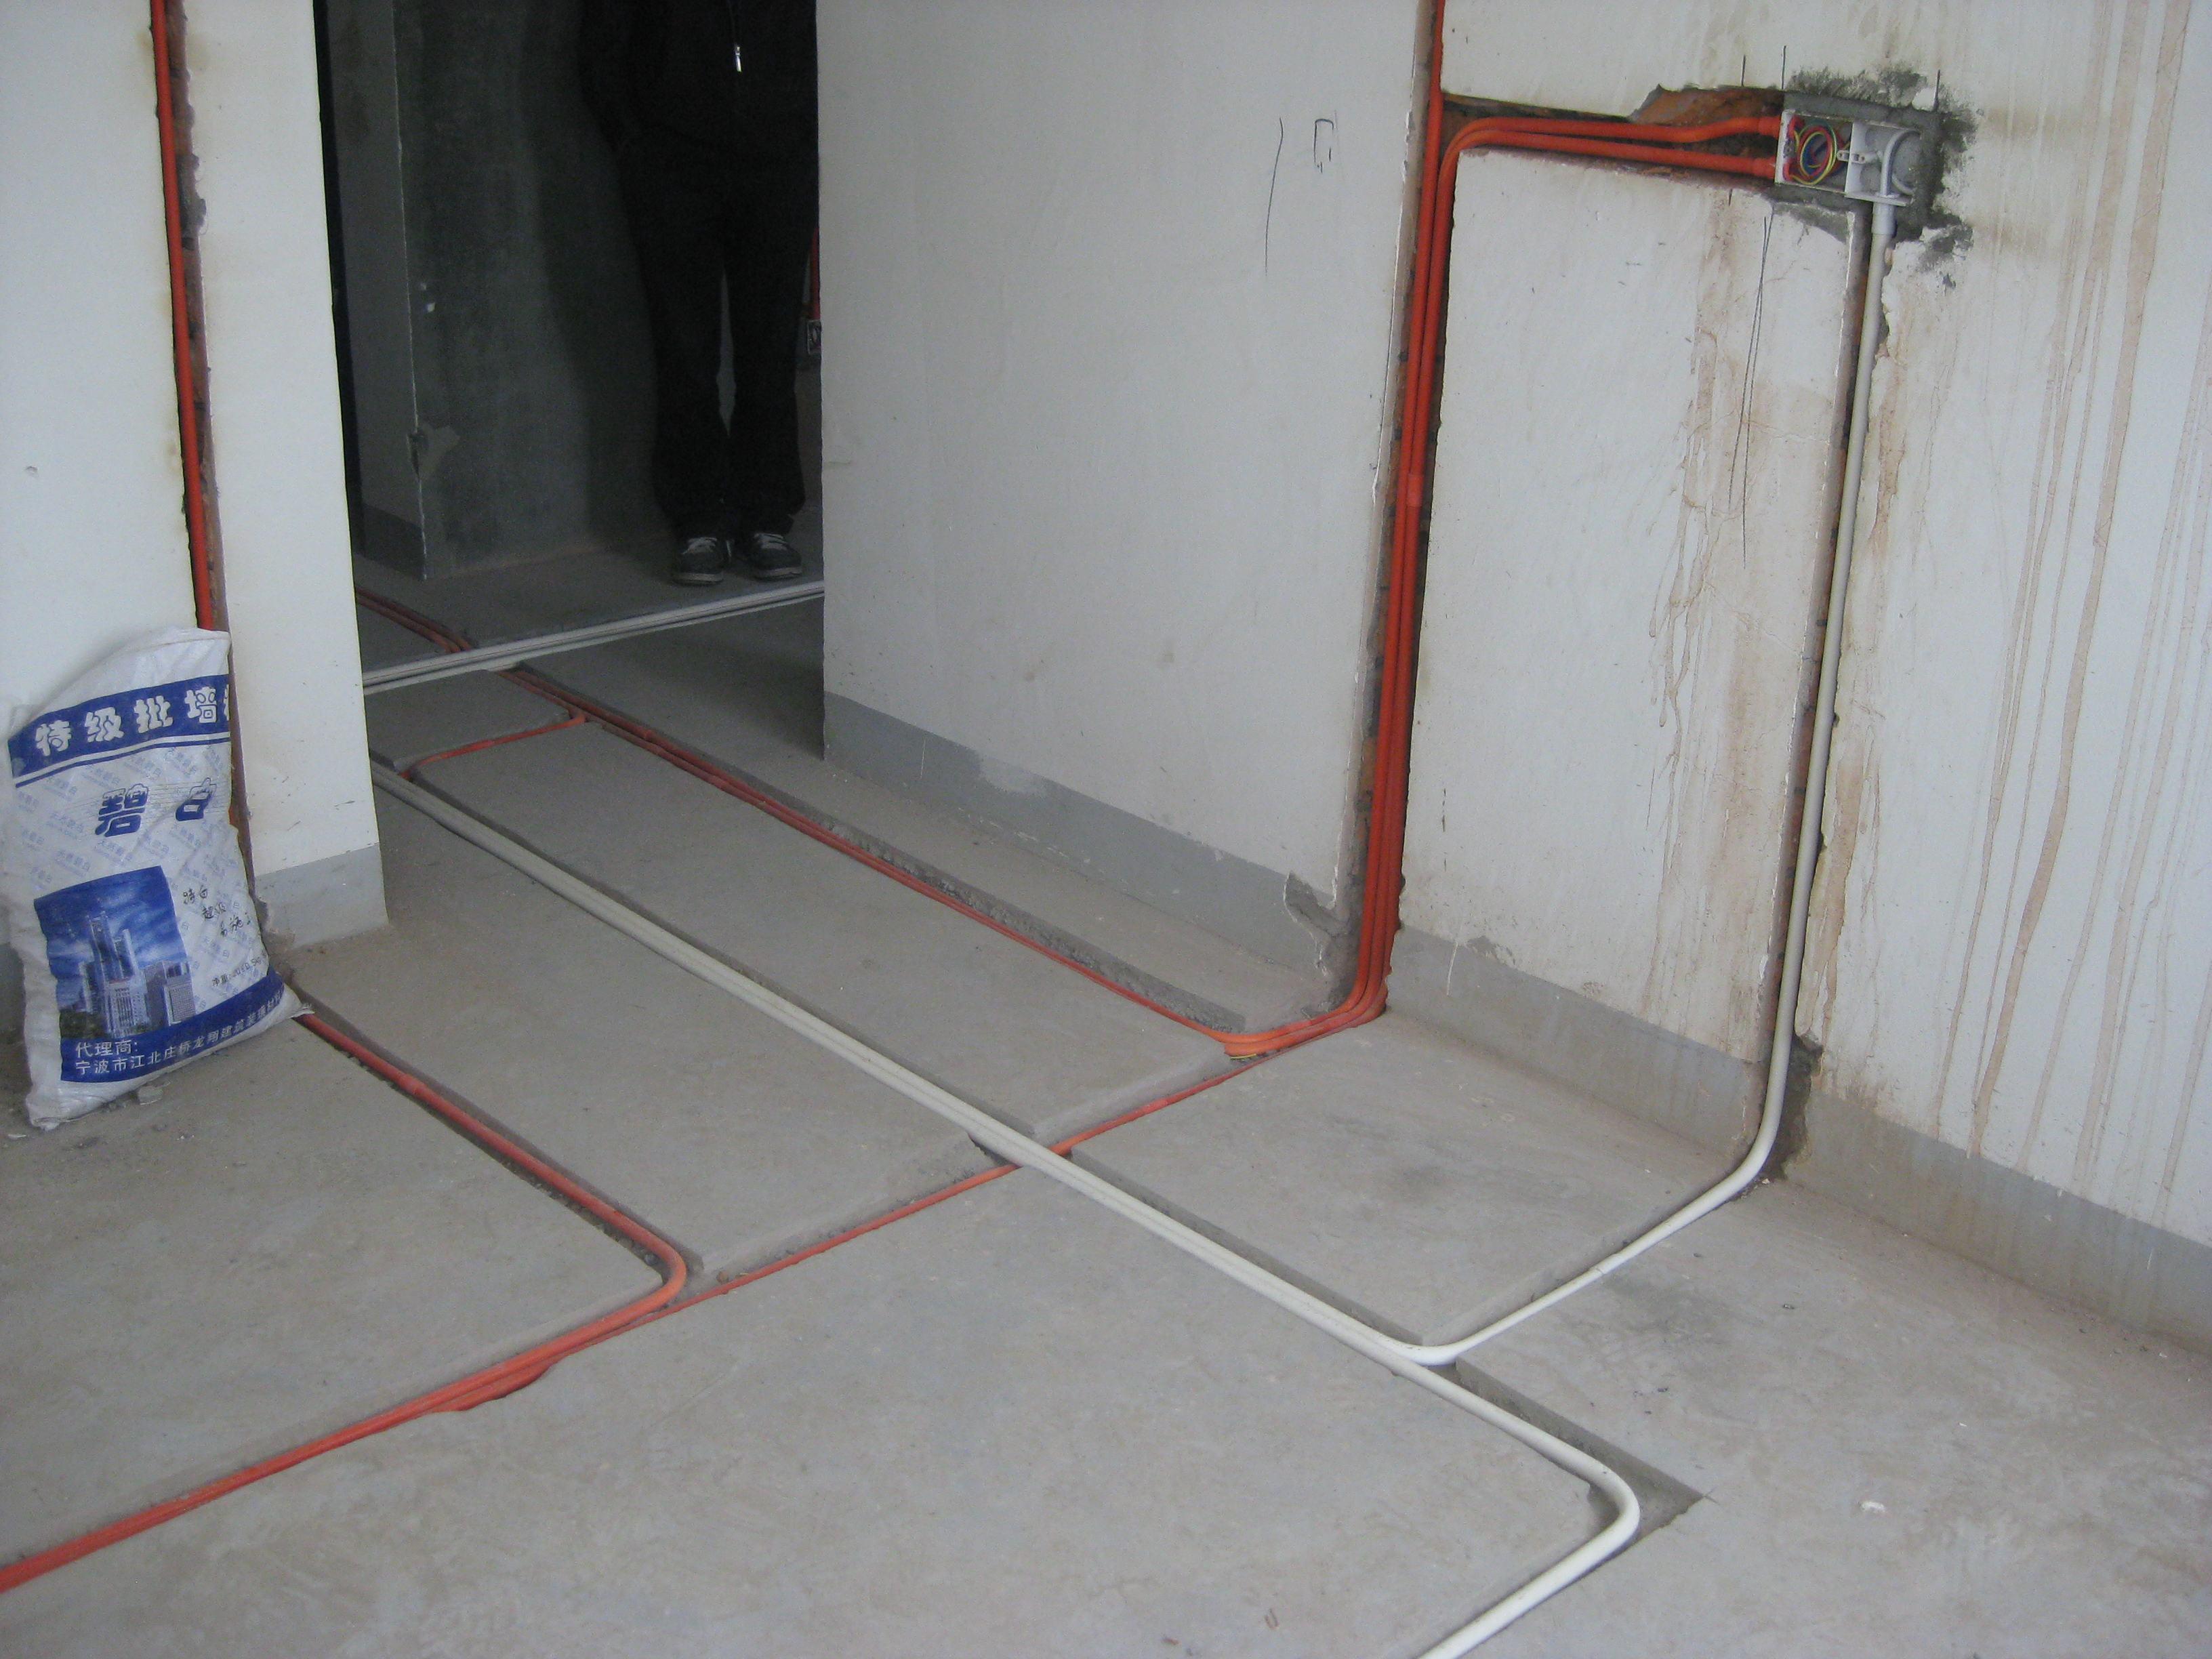 華潤置地(蘇州)房地產有限公司施工現場-水電安裝